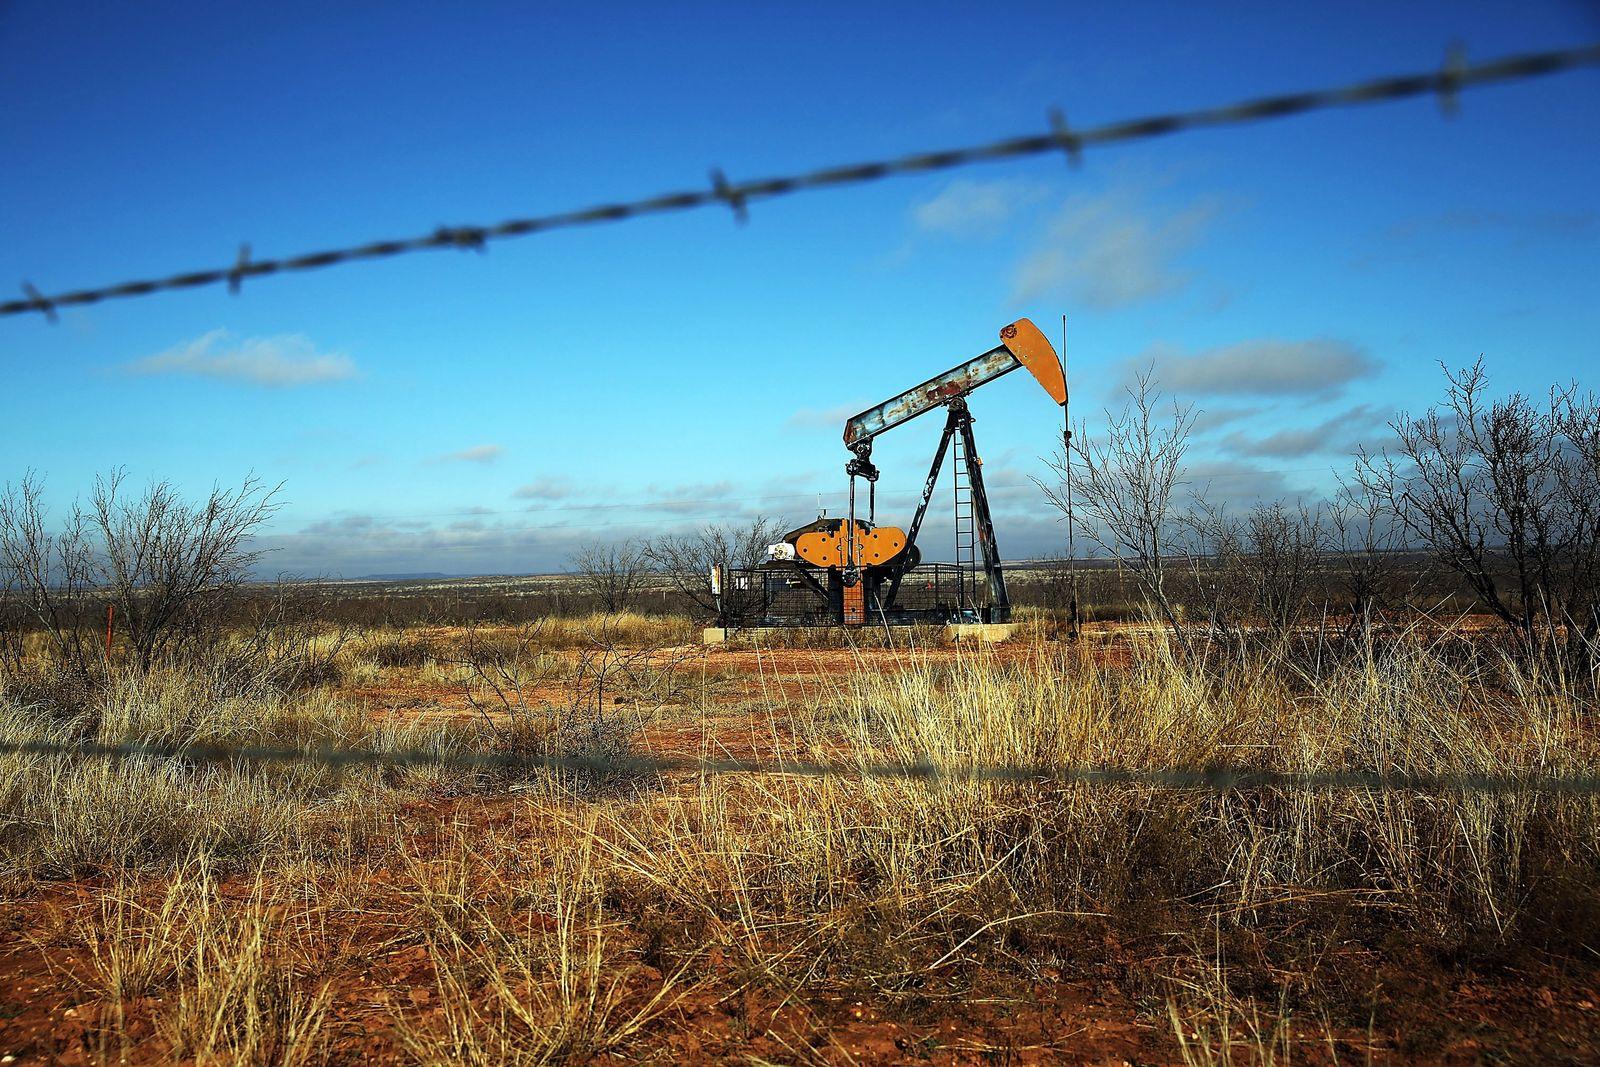 Öl / Ölpreis / Ölförderung / Pumpe /